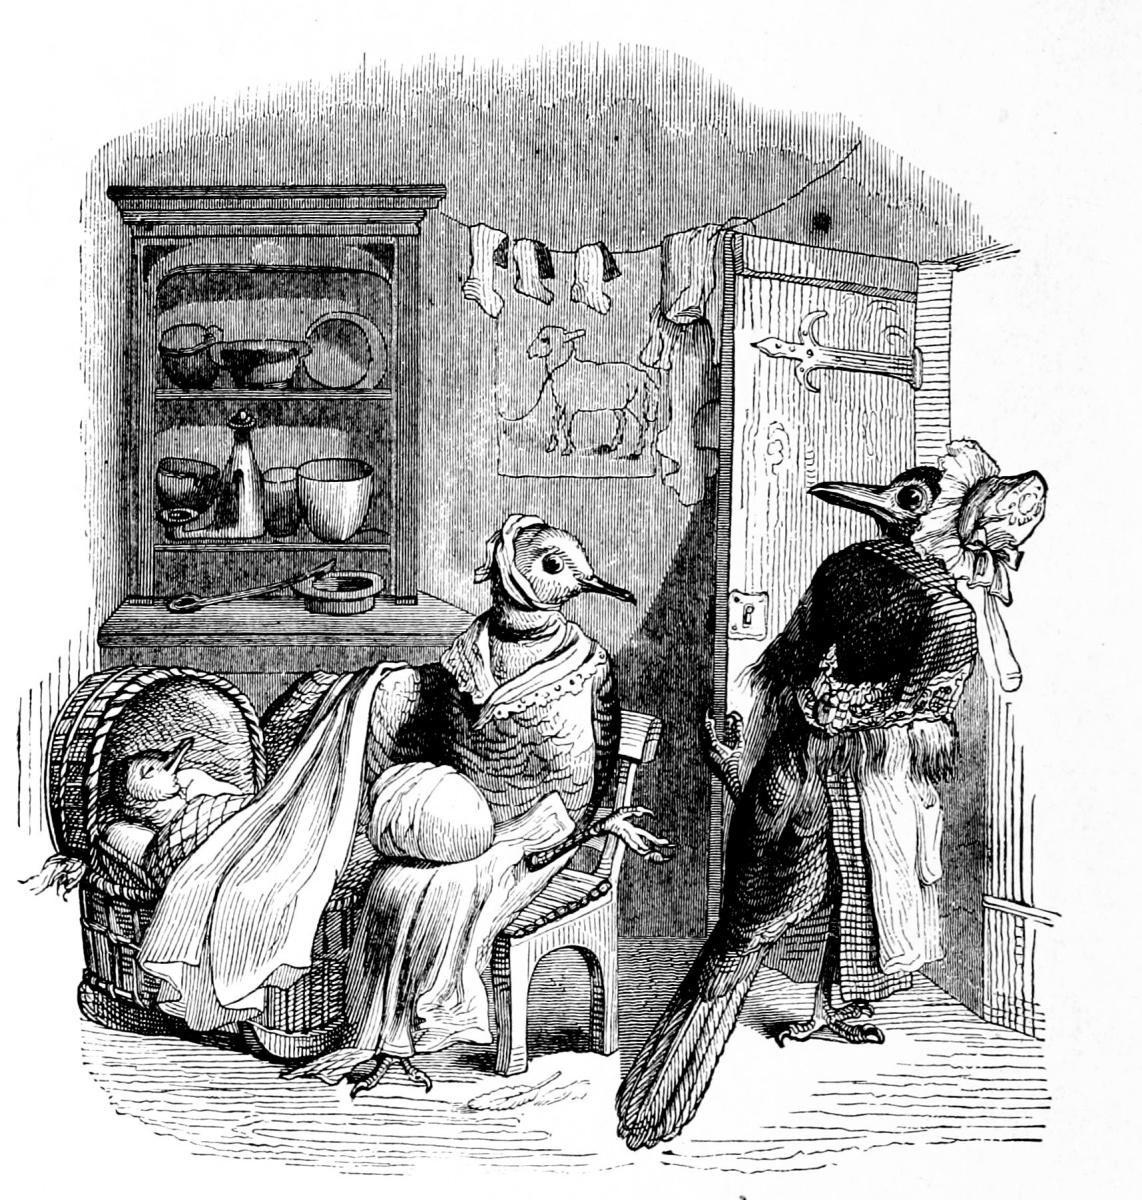 Жан Иньяс Изидор (Жерар) Гранвиль. Голубка и Сорока. Иллюстрации к басням Флориана